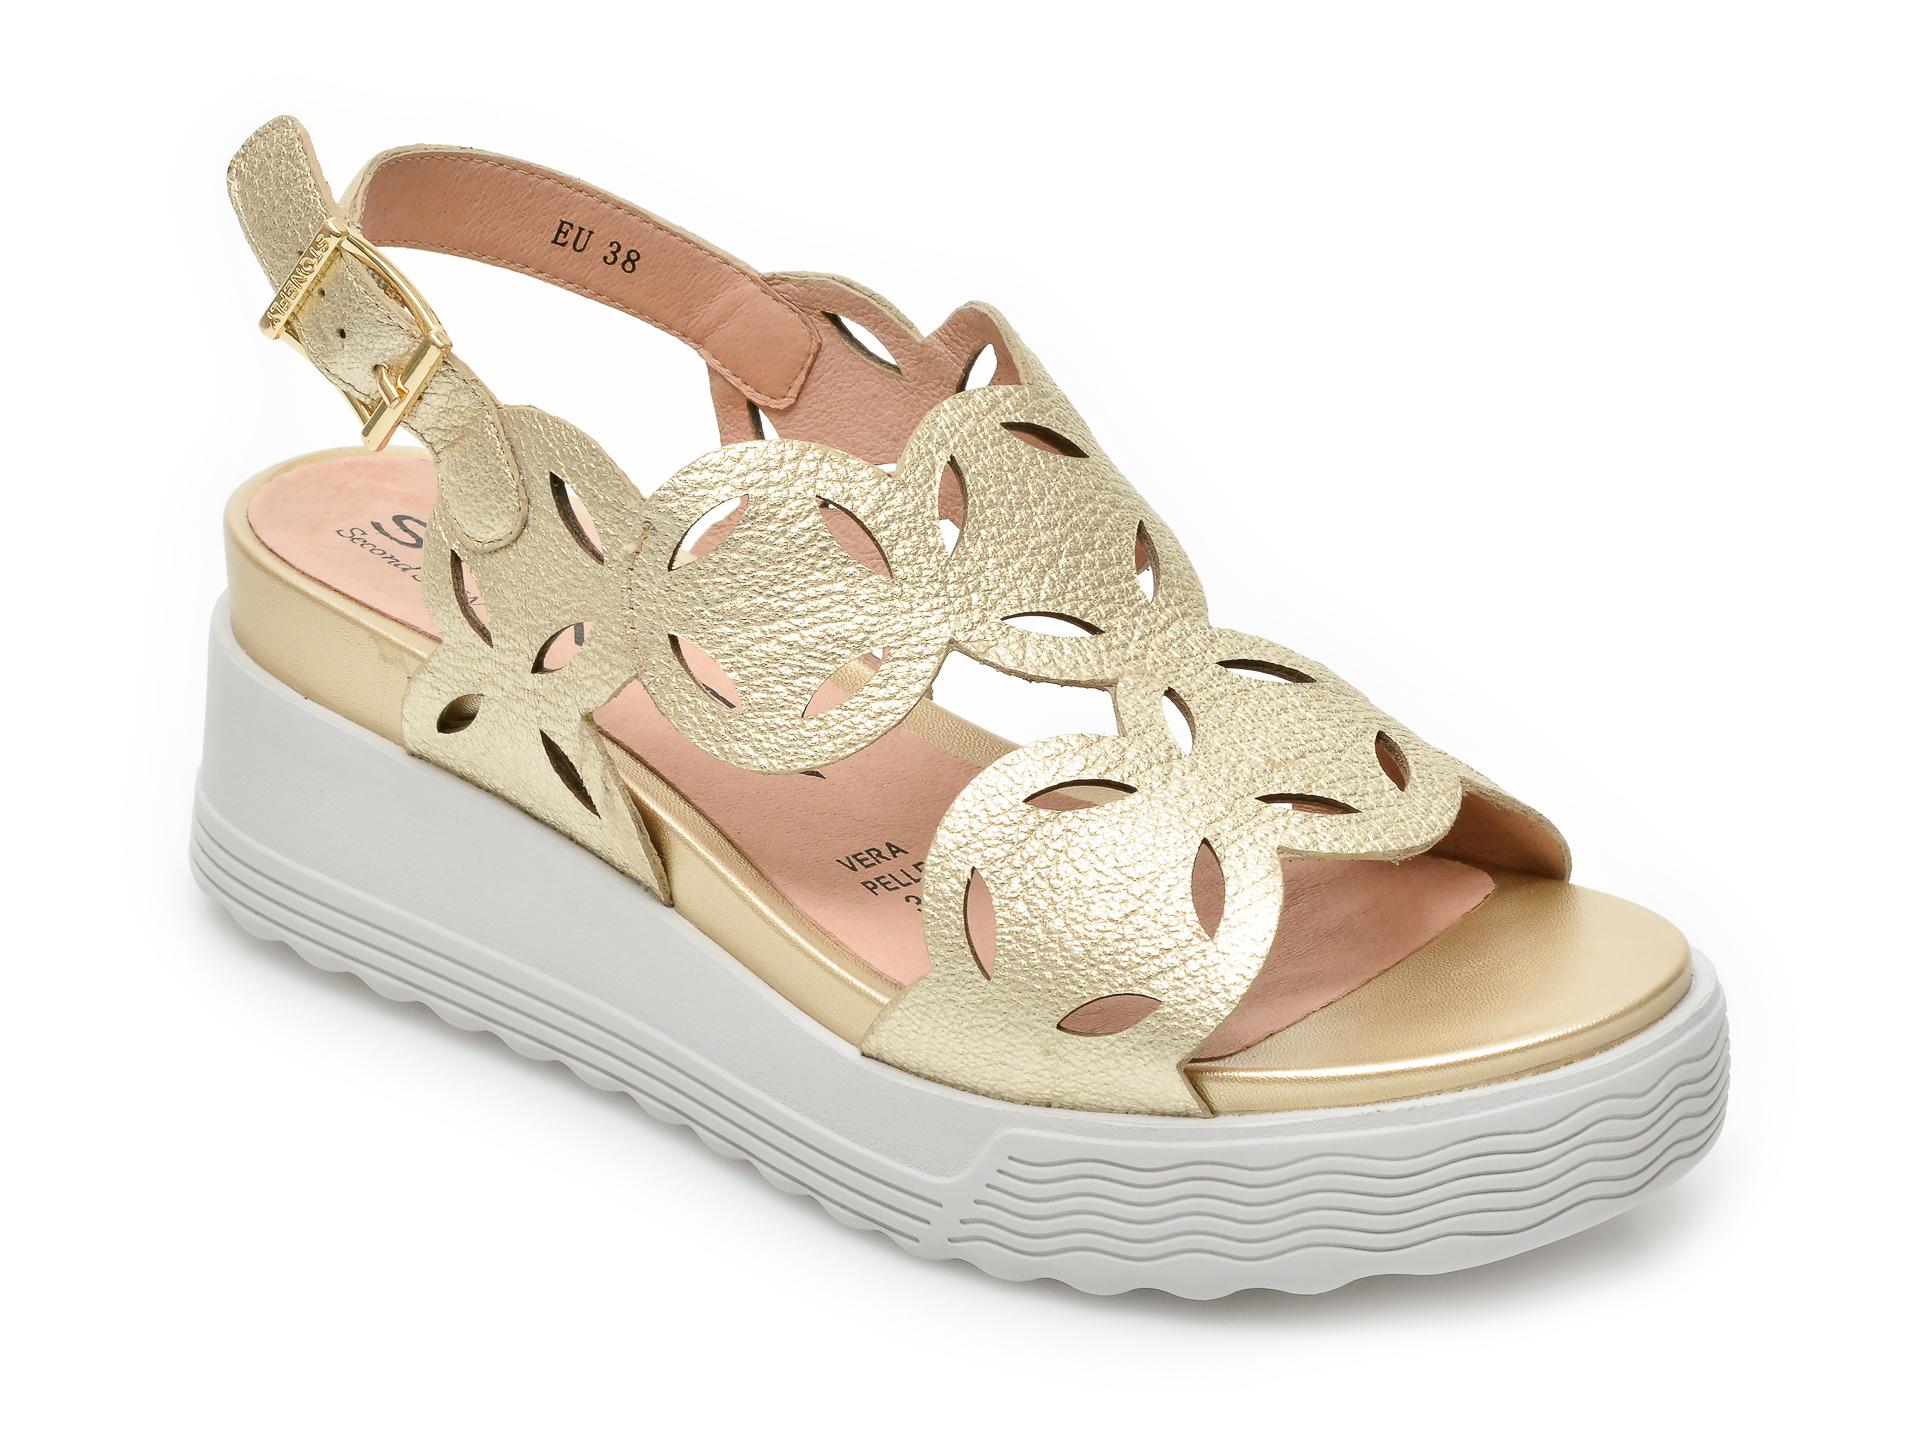 Sandale STONEFLY aurii, Parky9, din piele naturala